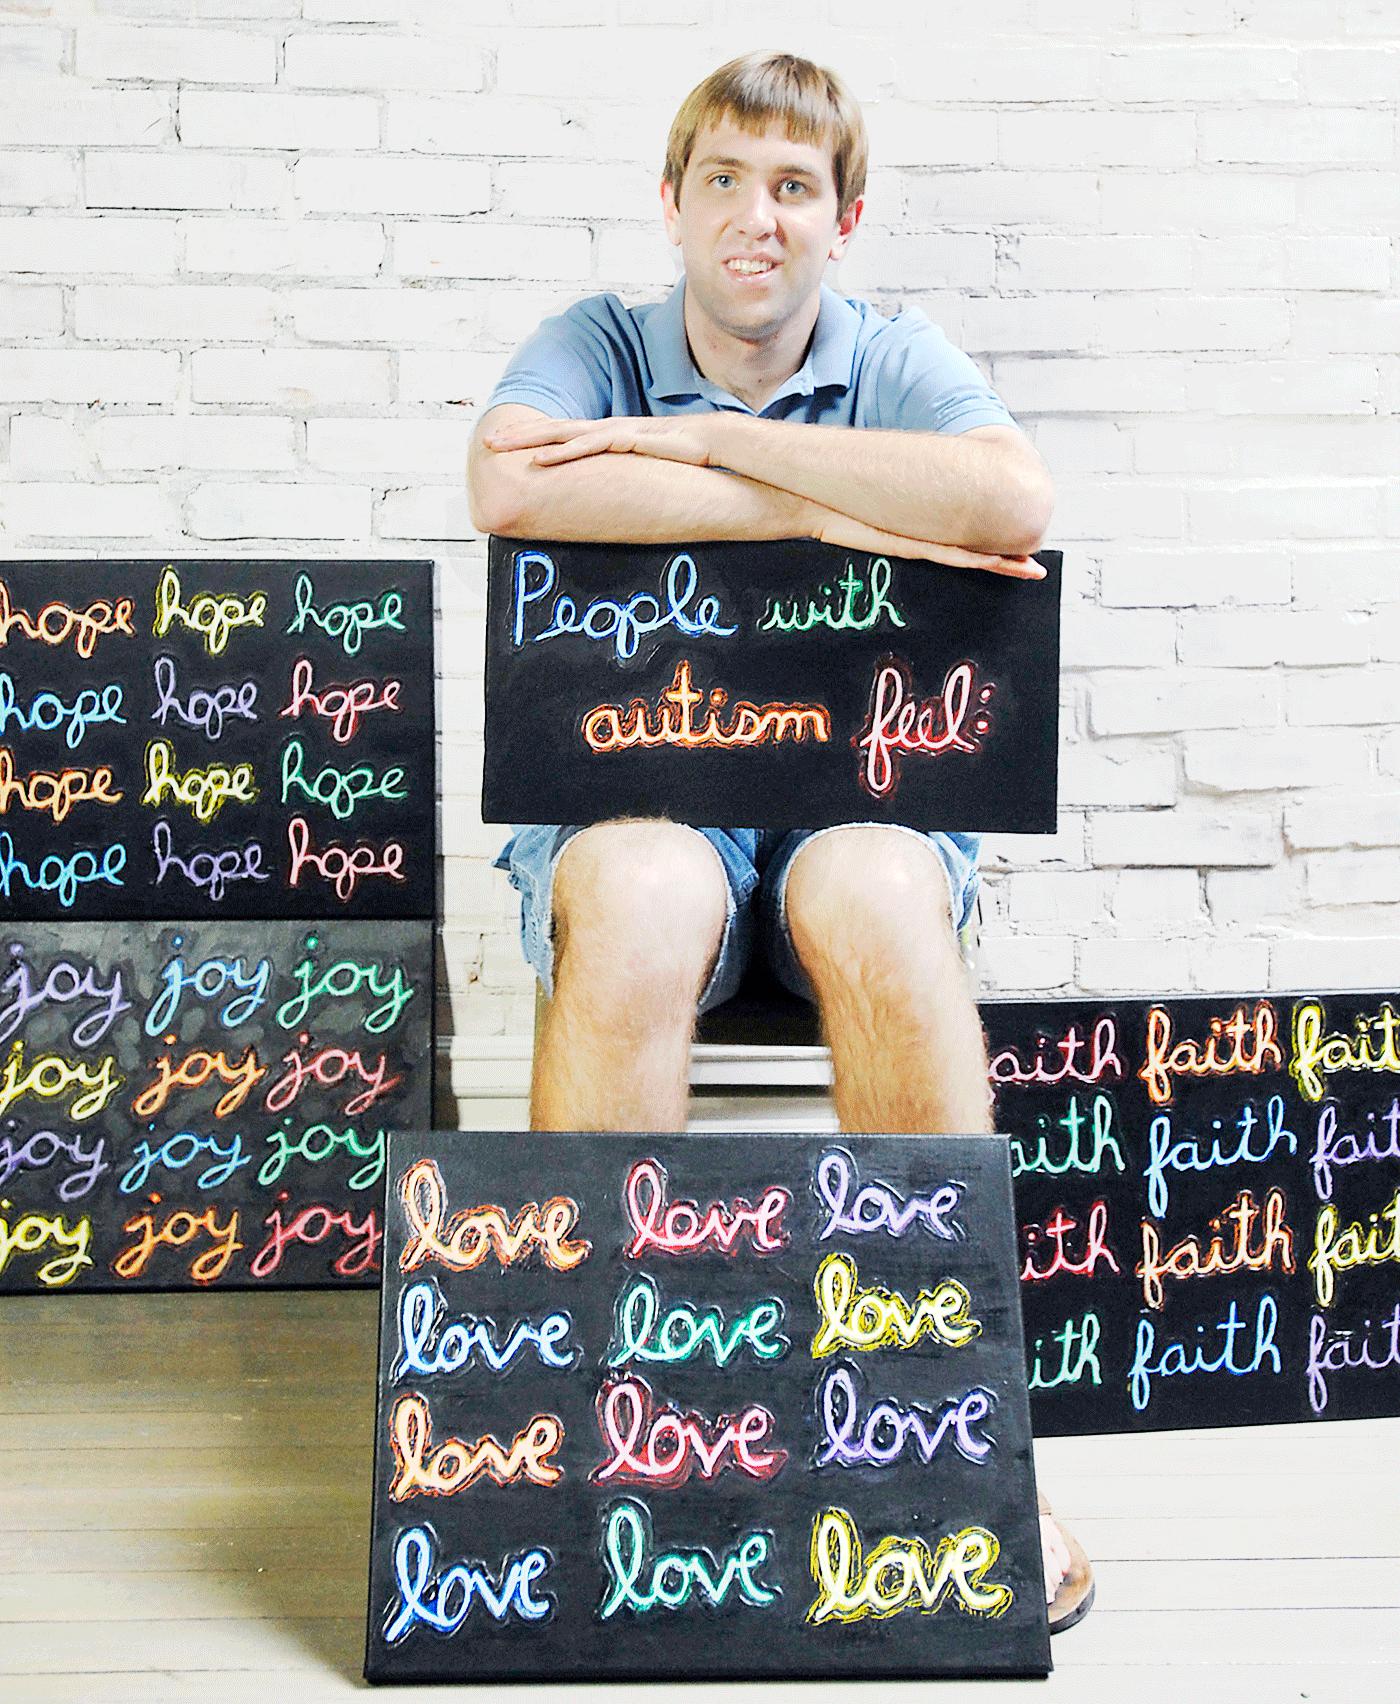 Autism is love